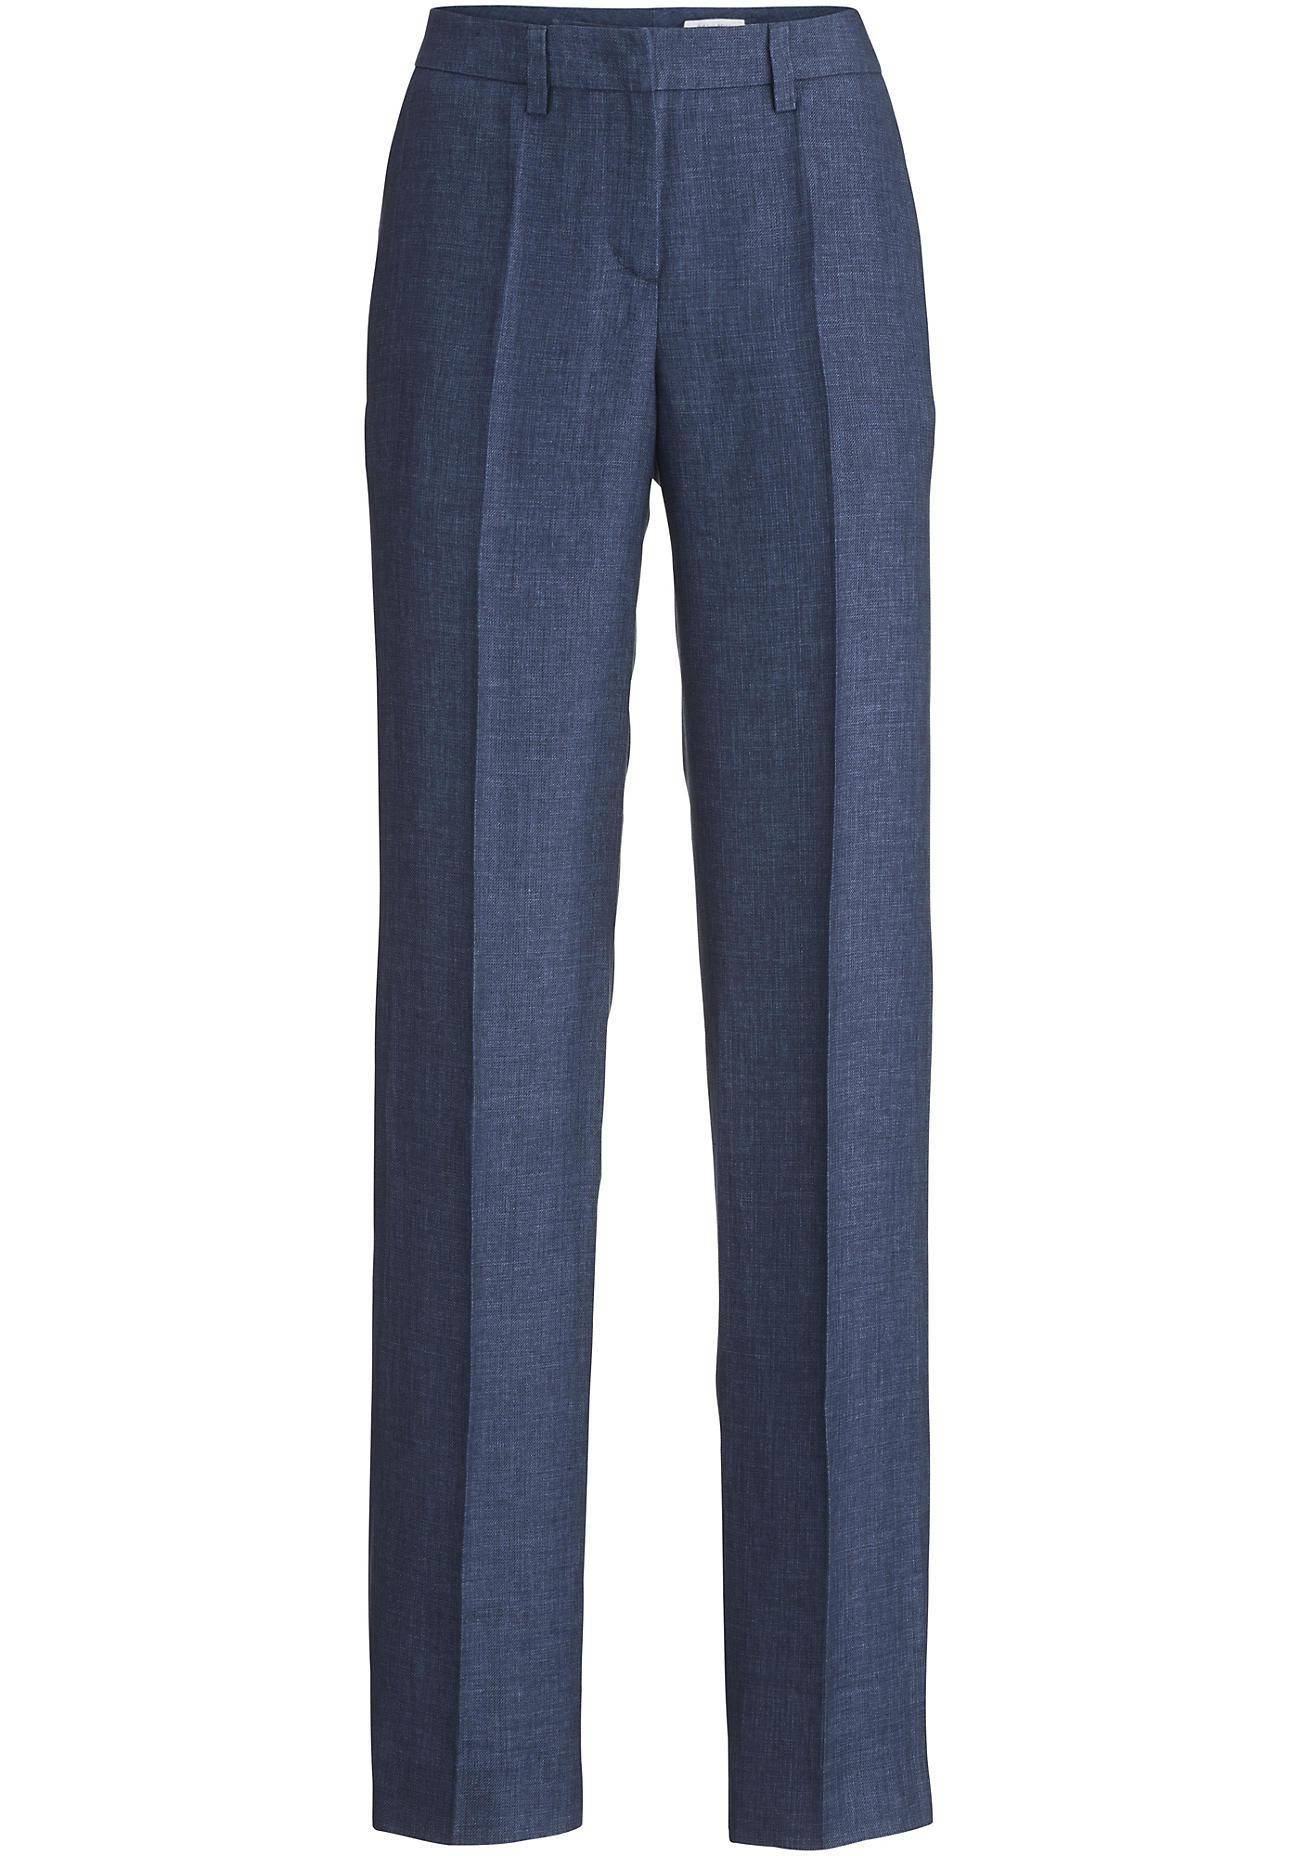 hessnatur Damen Hose aus Leinen – blau – Größe 38